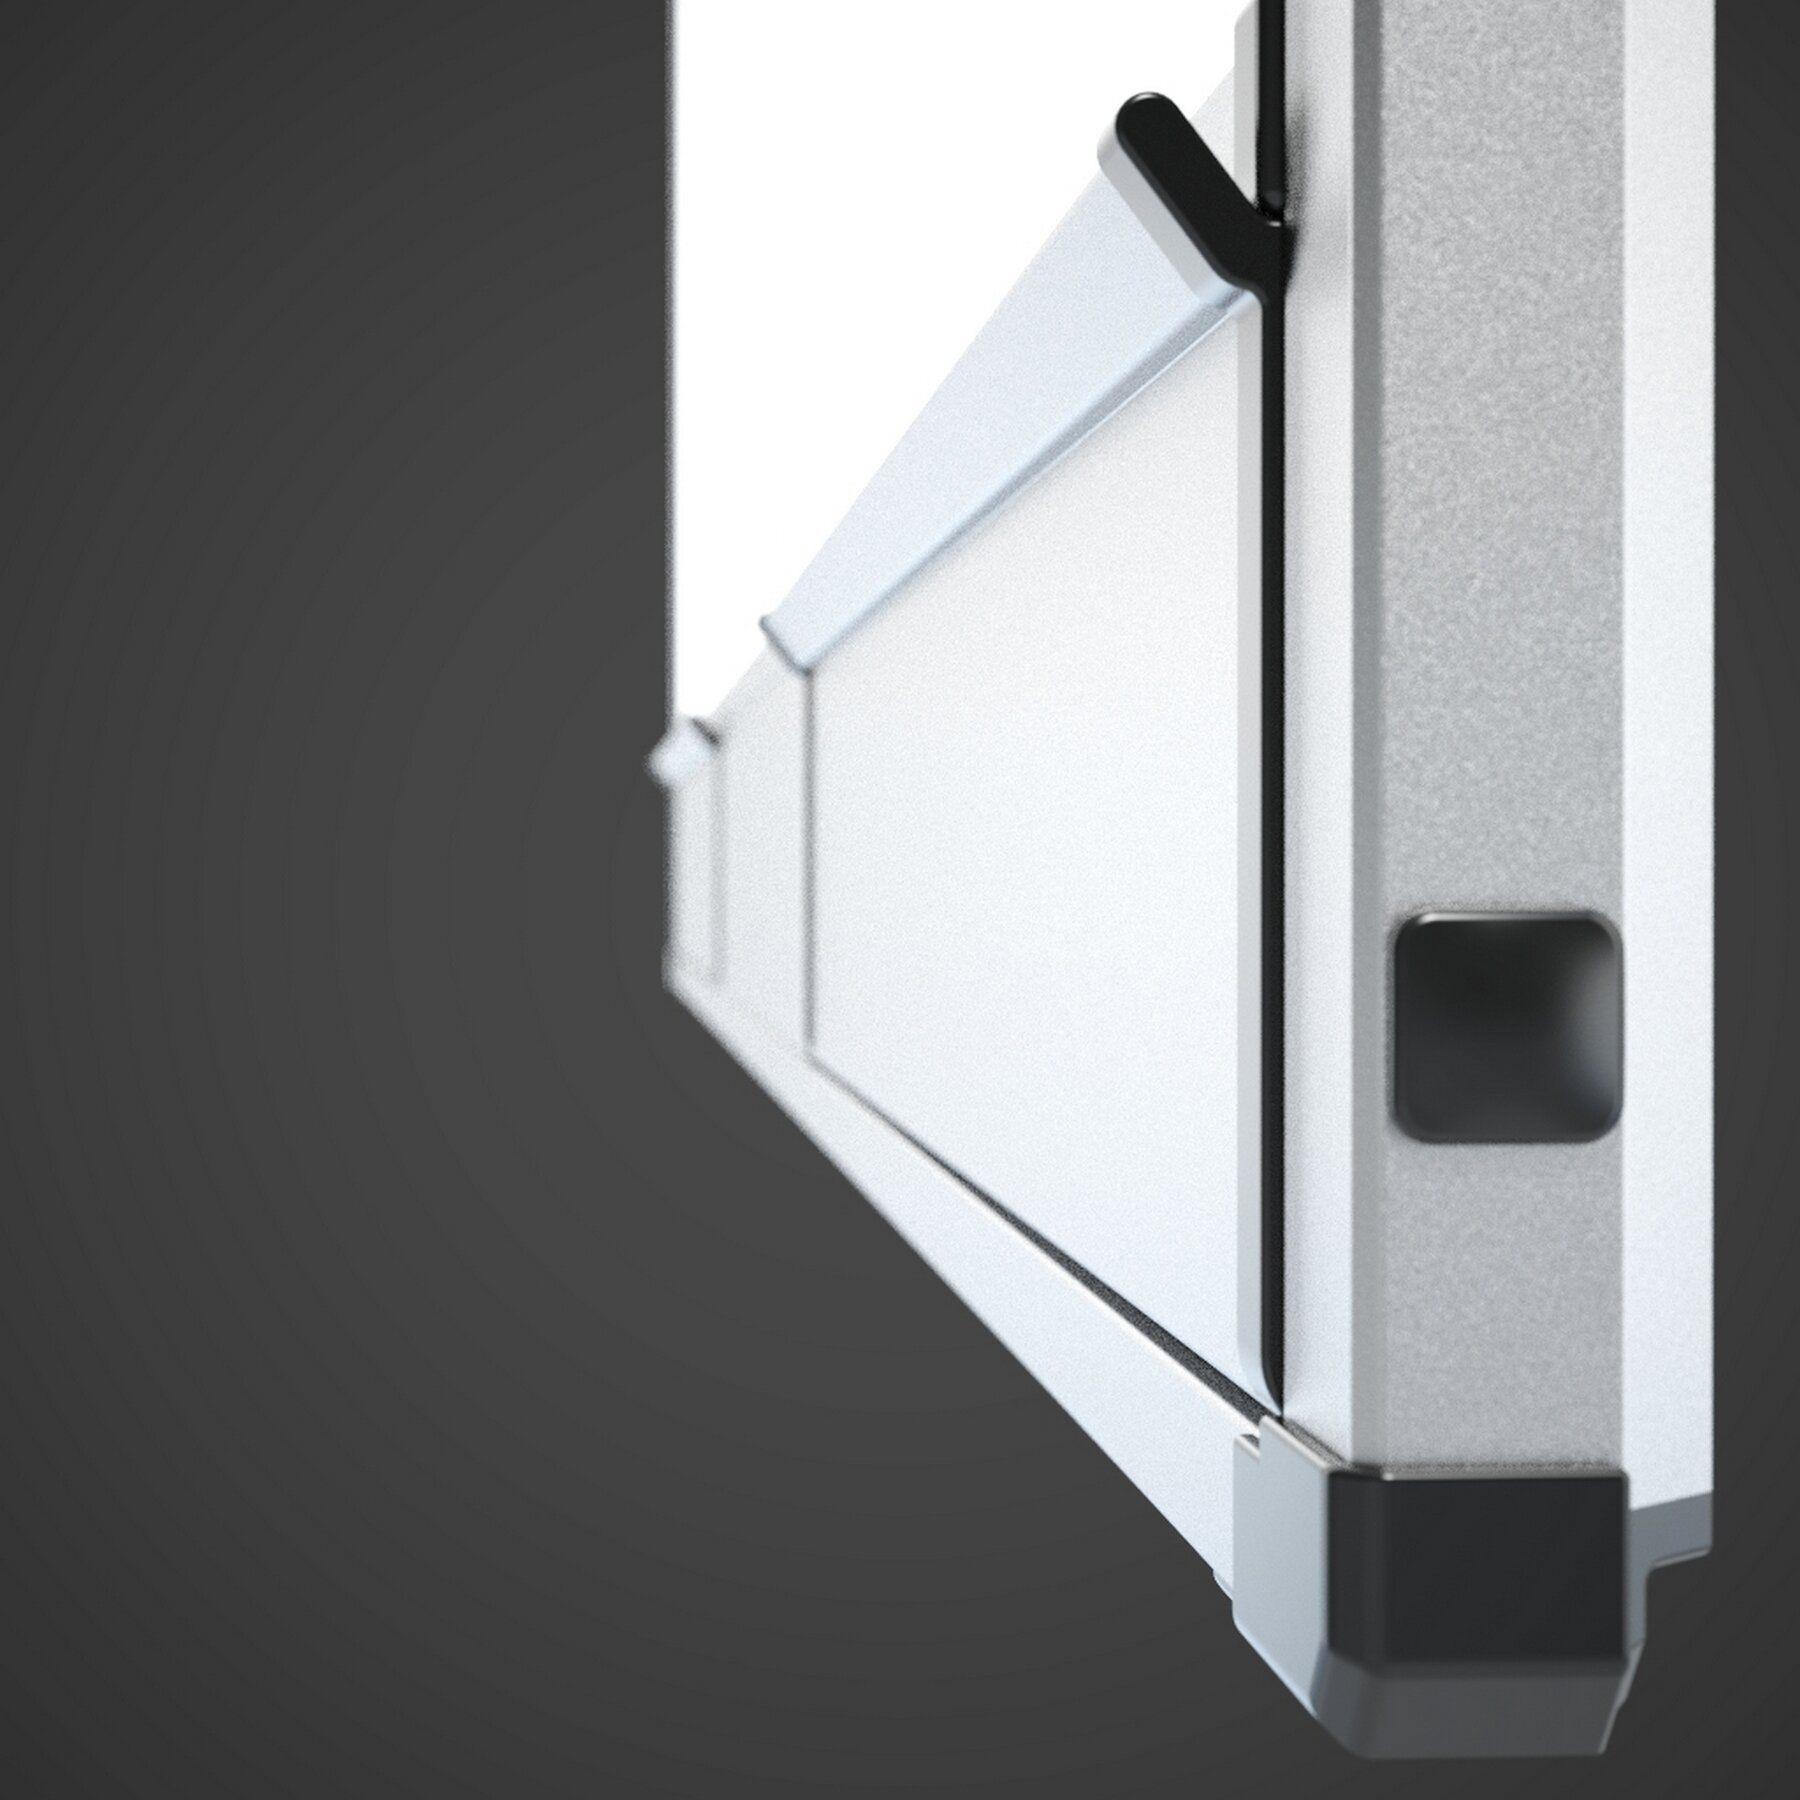 Доска белая магнитная сухостираемая StarBoard 120*180см., алюминиевая рамка, лак 2x3 - фото 8